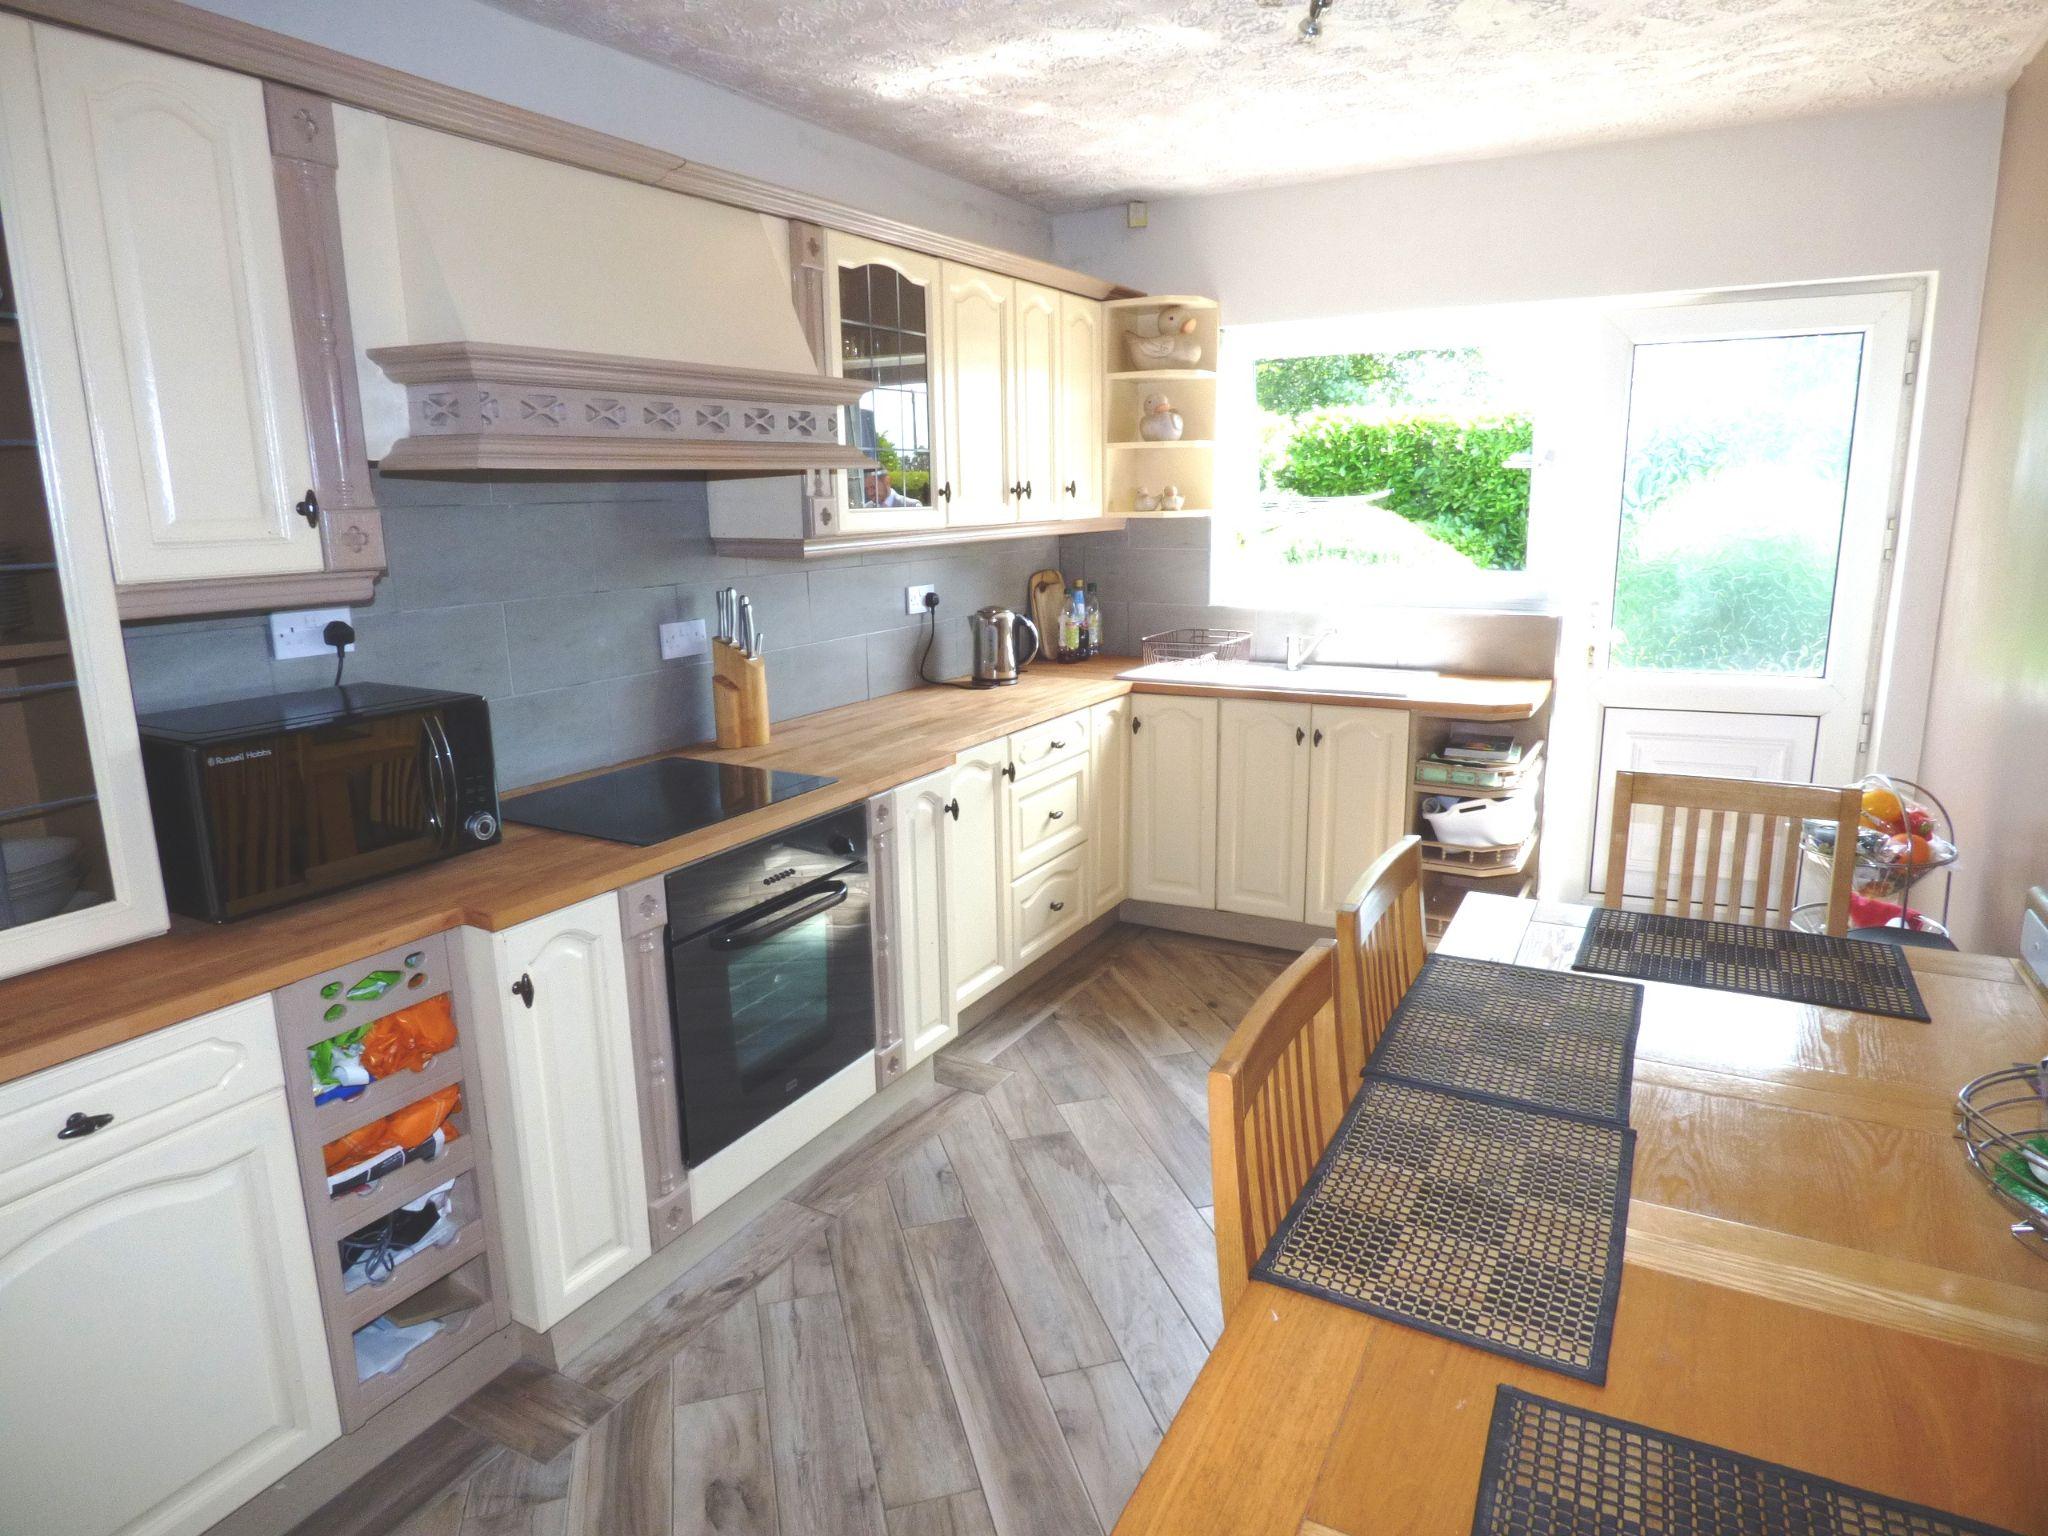 5 Bedroom Detached Bungalow For Sale - Photograph 10